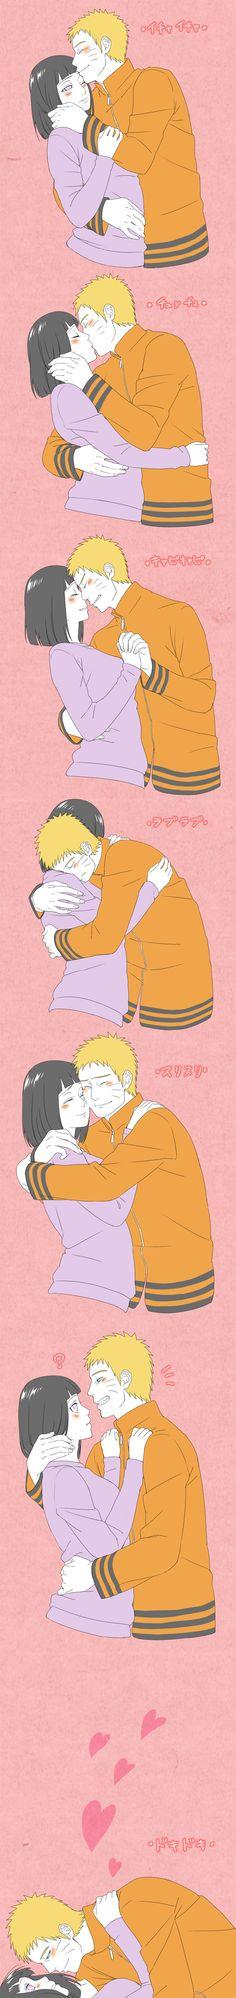 Naruto e Hinata (NaruHina) Hinata Hyuga, Naruto Uzumaki, Sarada E Boruto, Naruto Art, Anime Naruto, Manga Anime, Naruto Family, Naruto Couples, Boruto Naruto Next Generations